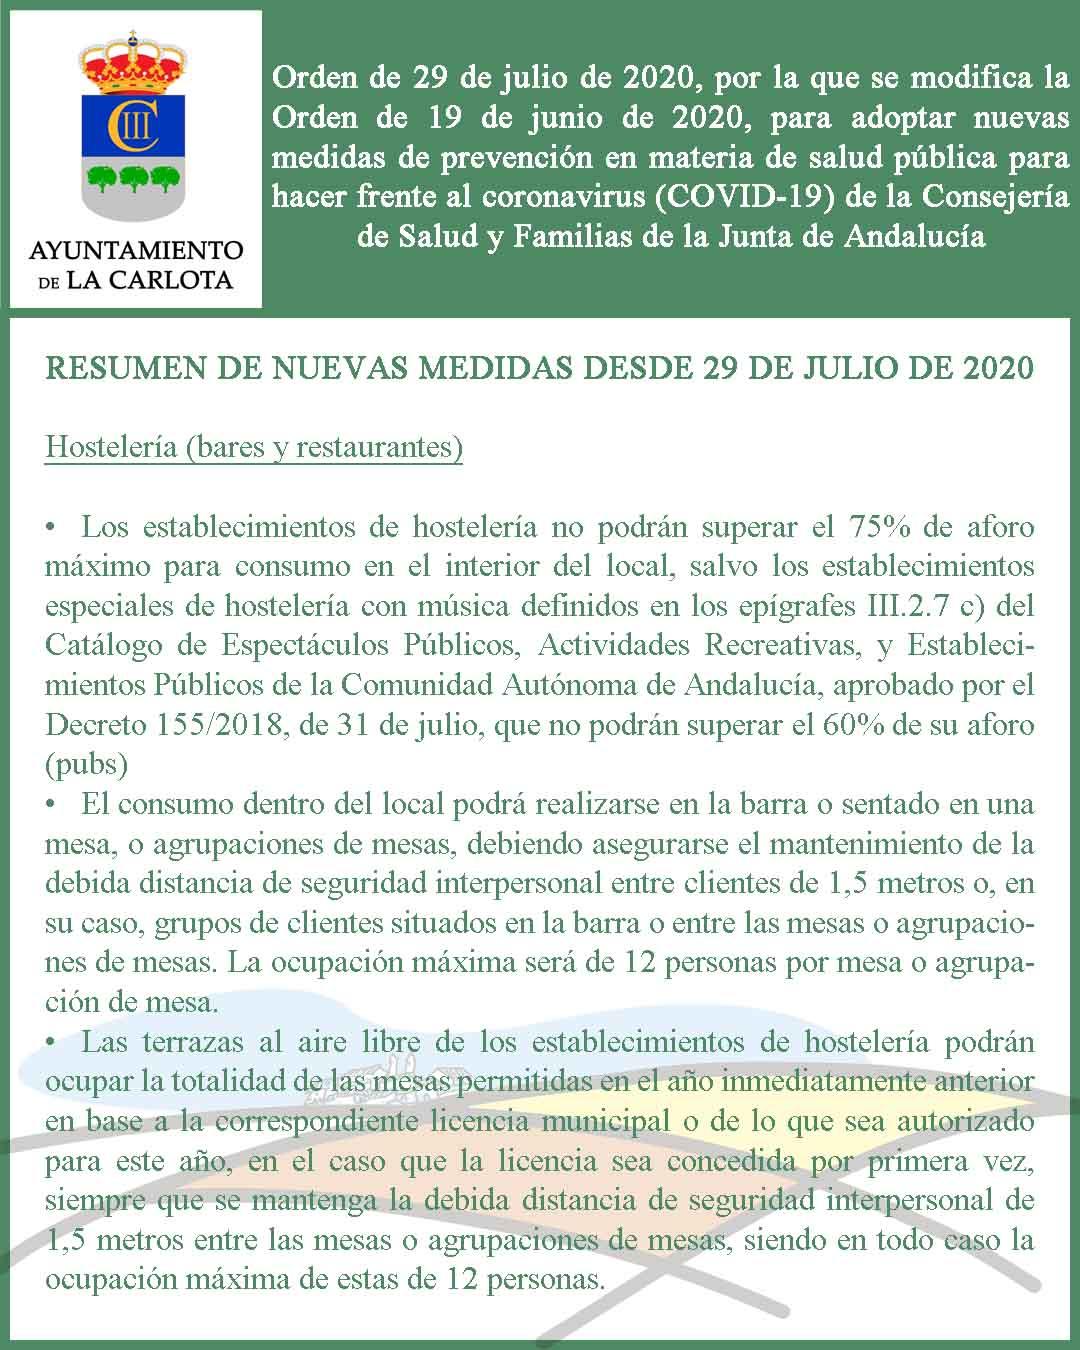 ORDEN DE 29 DE JULIO DE 2020, POR LA QUE SE MODIFICA LA ORDEN DE 19 DE JUNIO DE 2020, PARA ADOPTAR NUEVAS MEDIDAS DE PREVENCIÓN EN MATERIA DE SALUD PÚBLICA PARA HACER FRENTE AL CORONAVIRUS (COVID-19) DE LA CONSEJERÍA DE SALUD Y FAMILIAS DE LA JUNTA DE AND 1